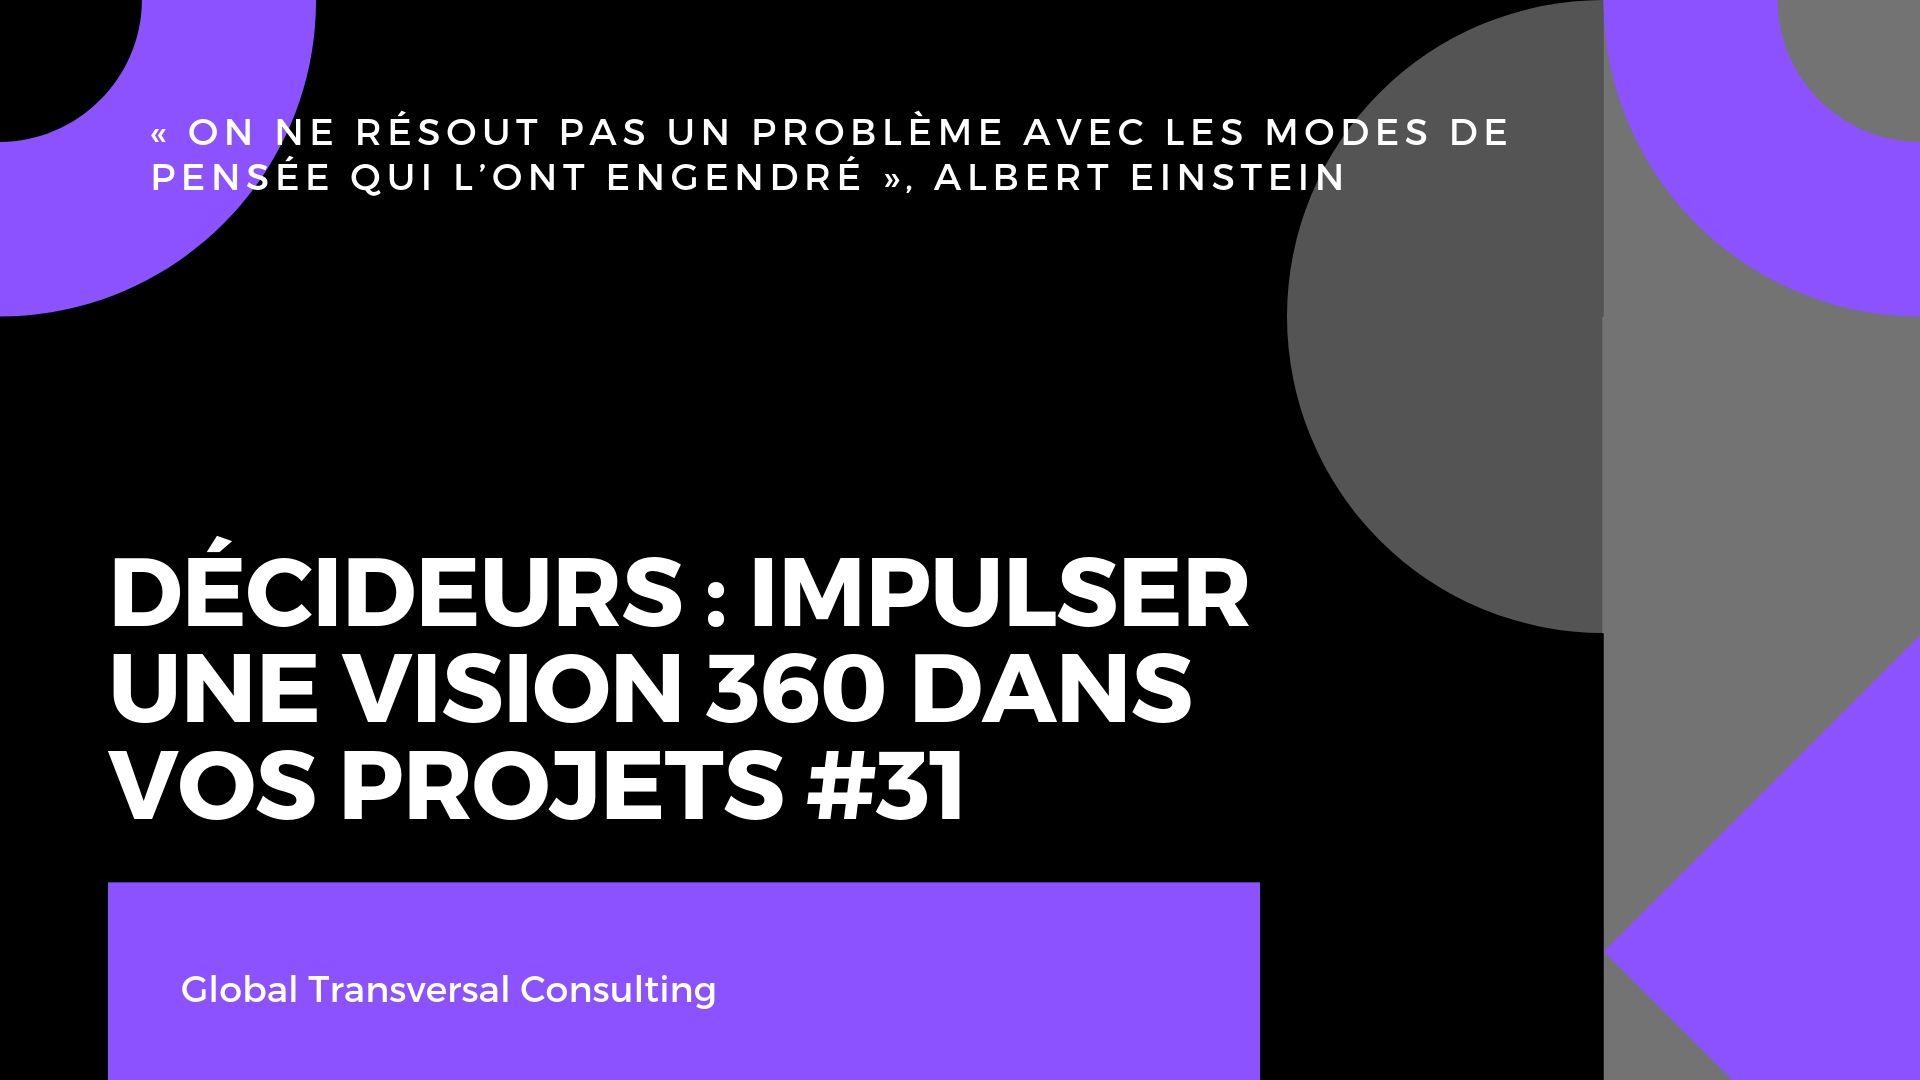 Gestion de projet Nantes 412